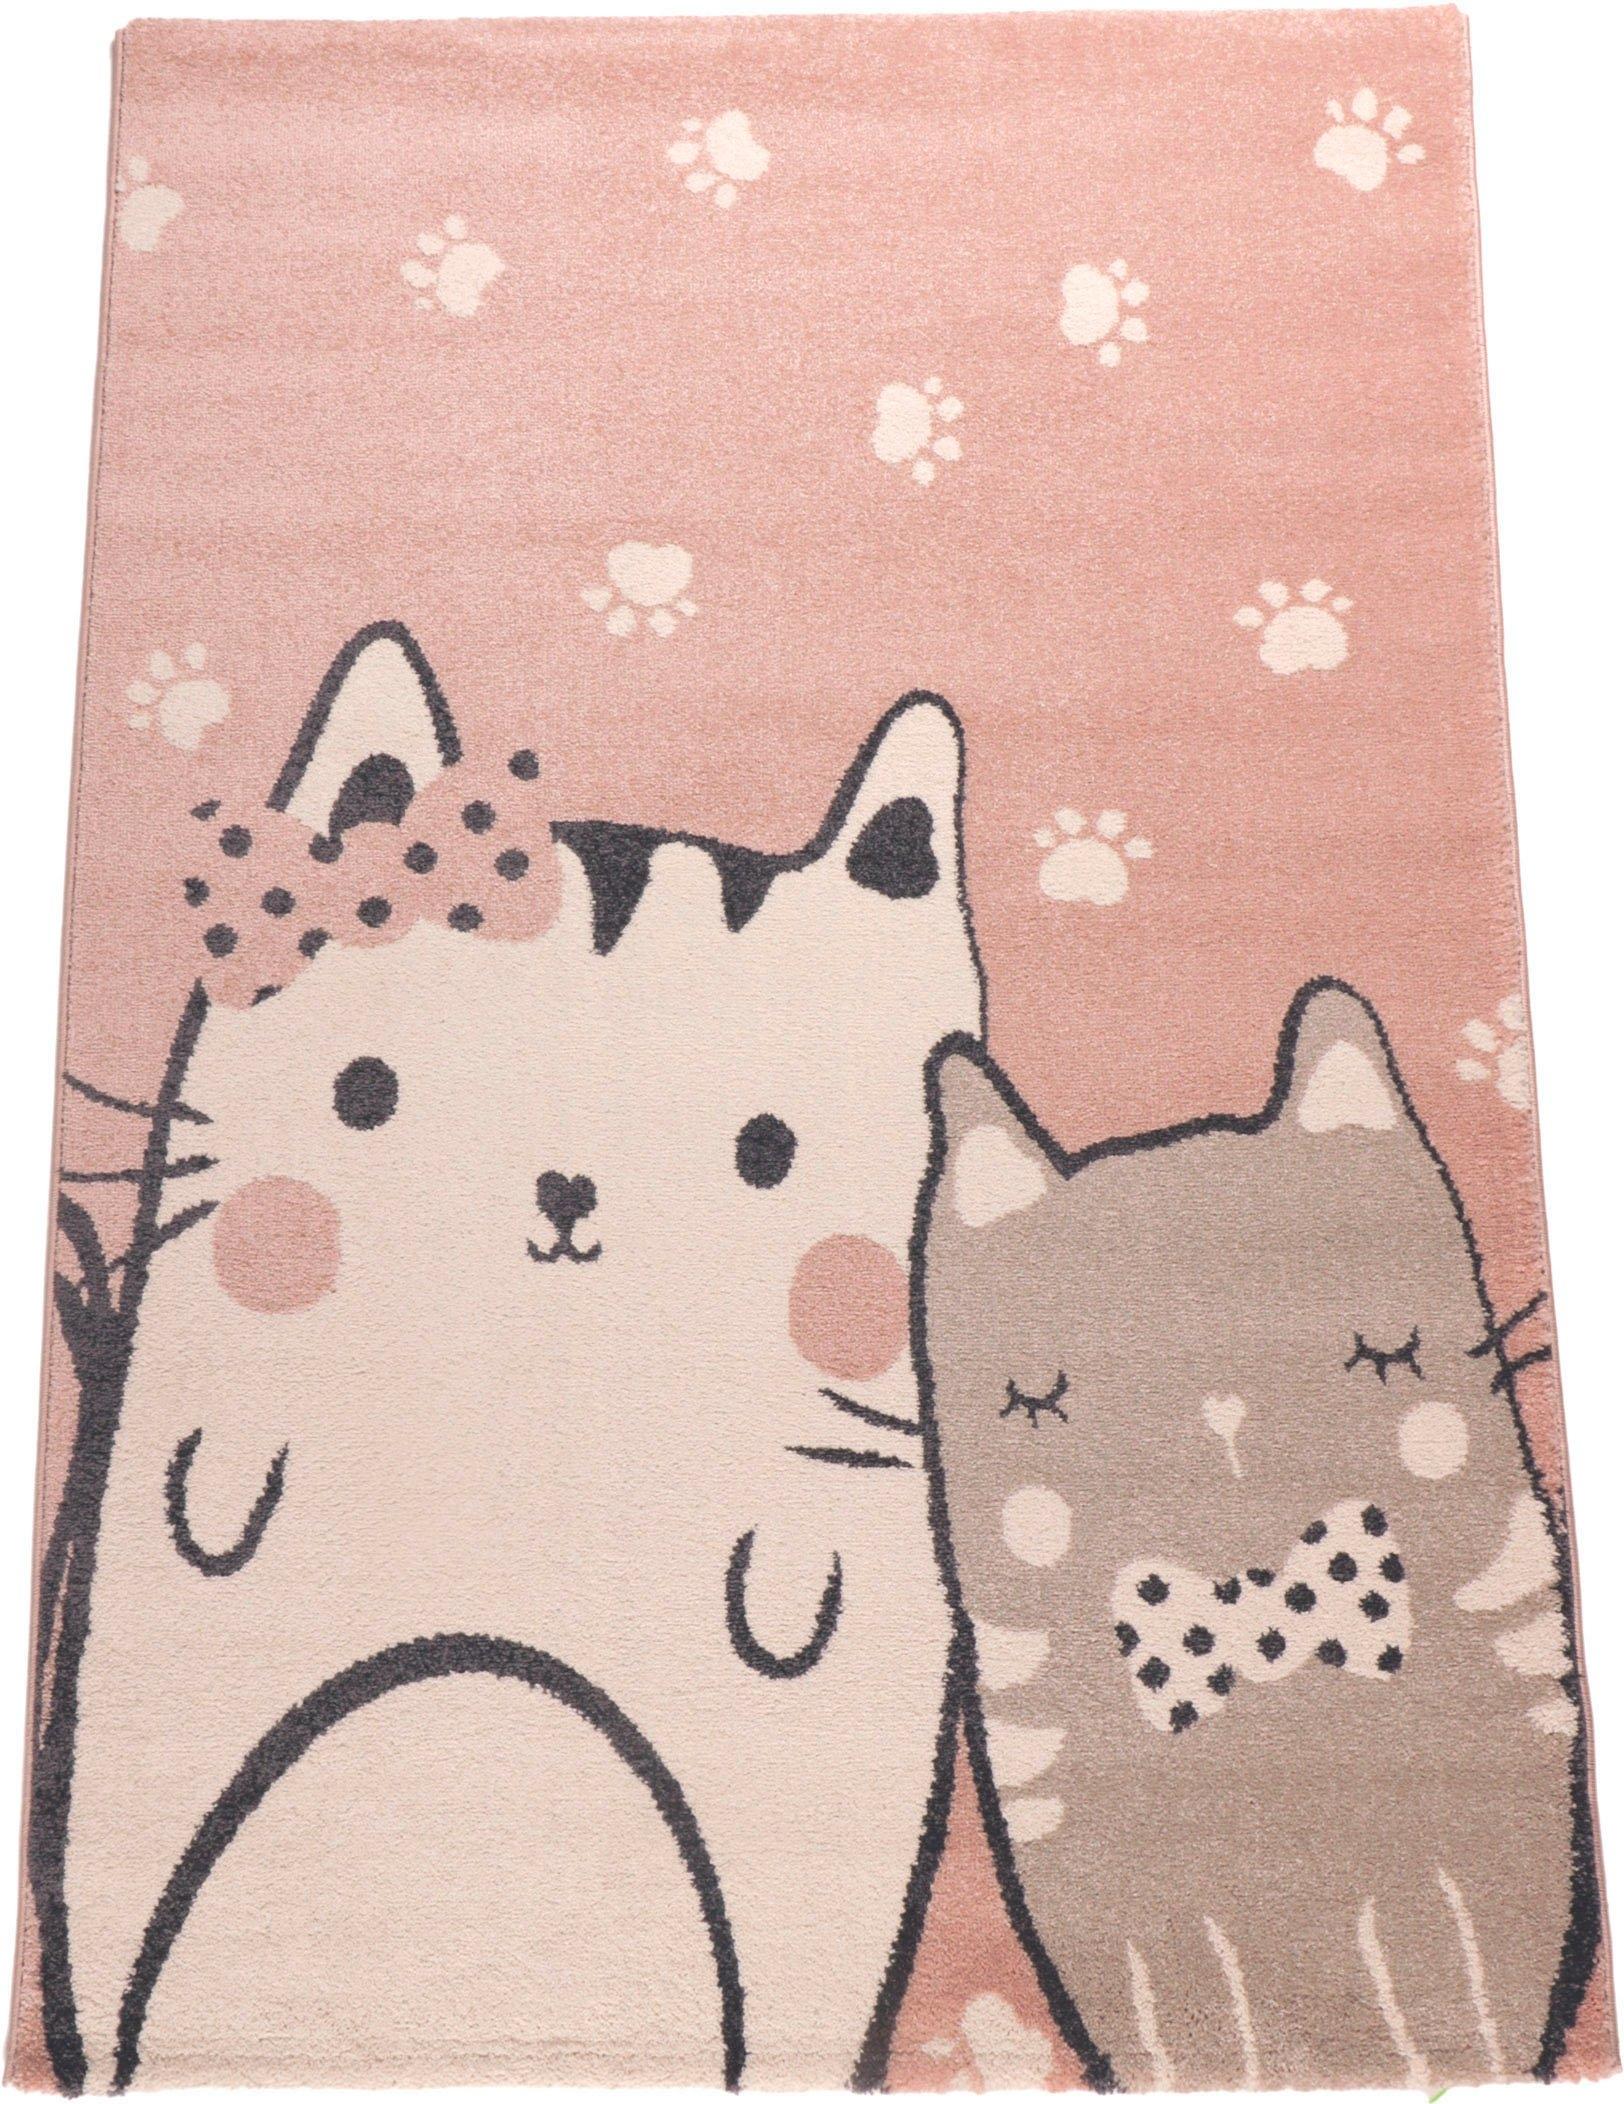 Living Line vloerkleed voor de kinderkamer »Cats« online kopen op otto.nl